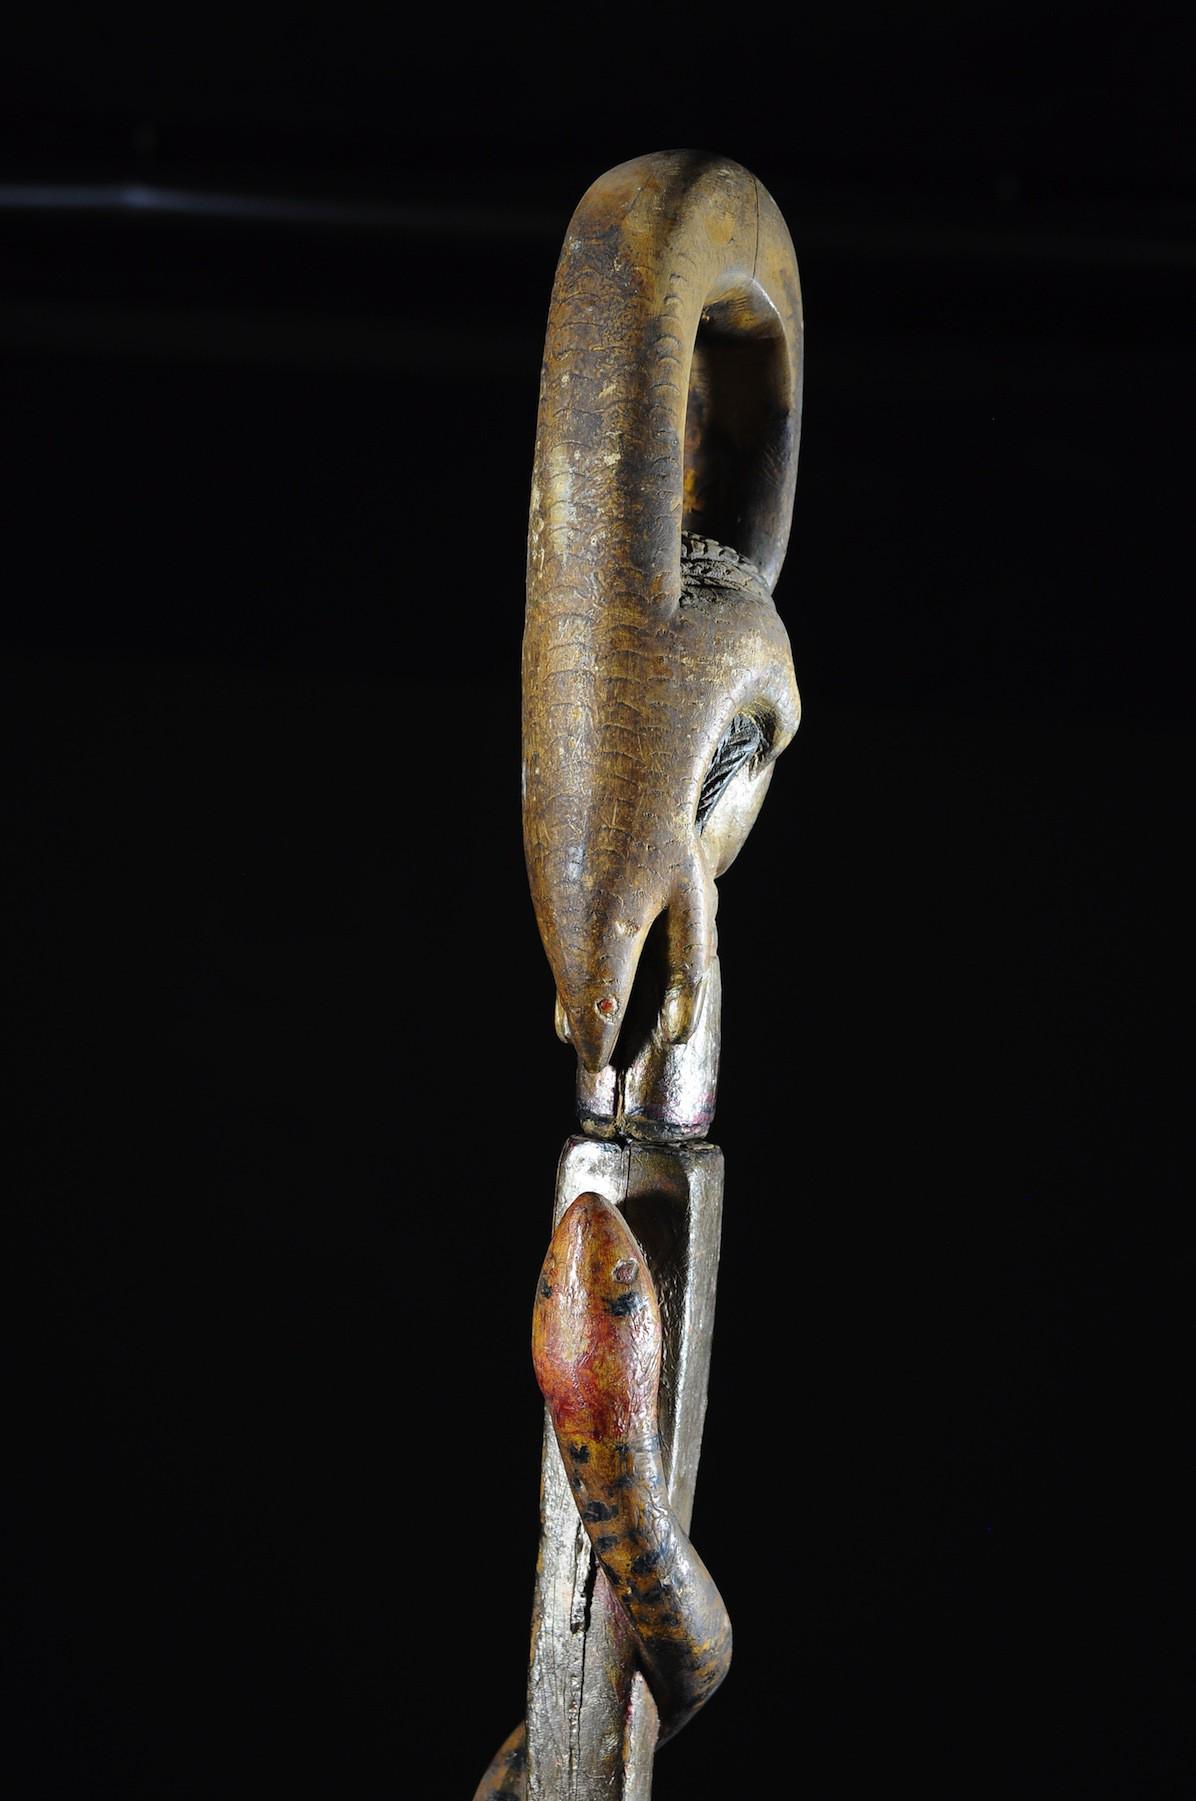 Canne epee de dignitaire - Baoule - Côte d'Ivoire - Objets de regalia